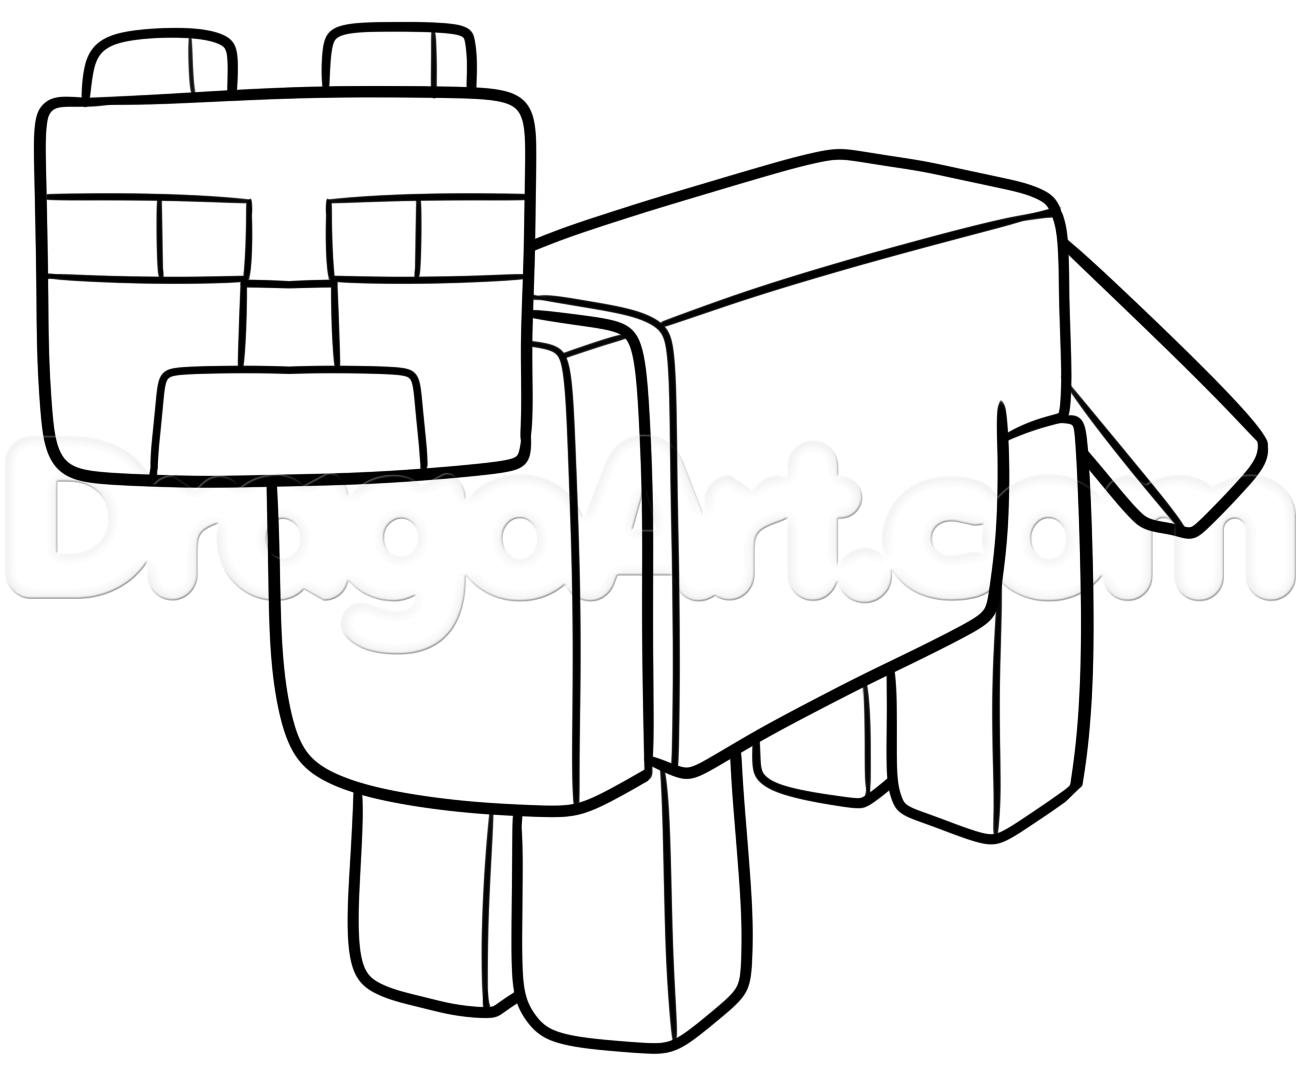 1301x1088 how to draw a minecraft ocelot, step